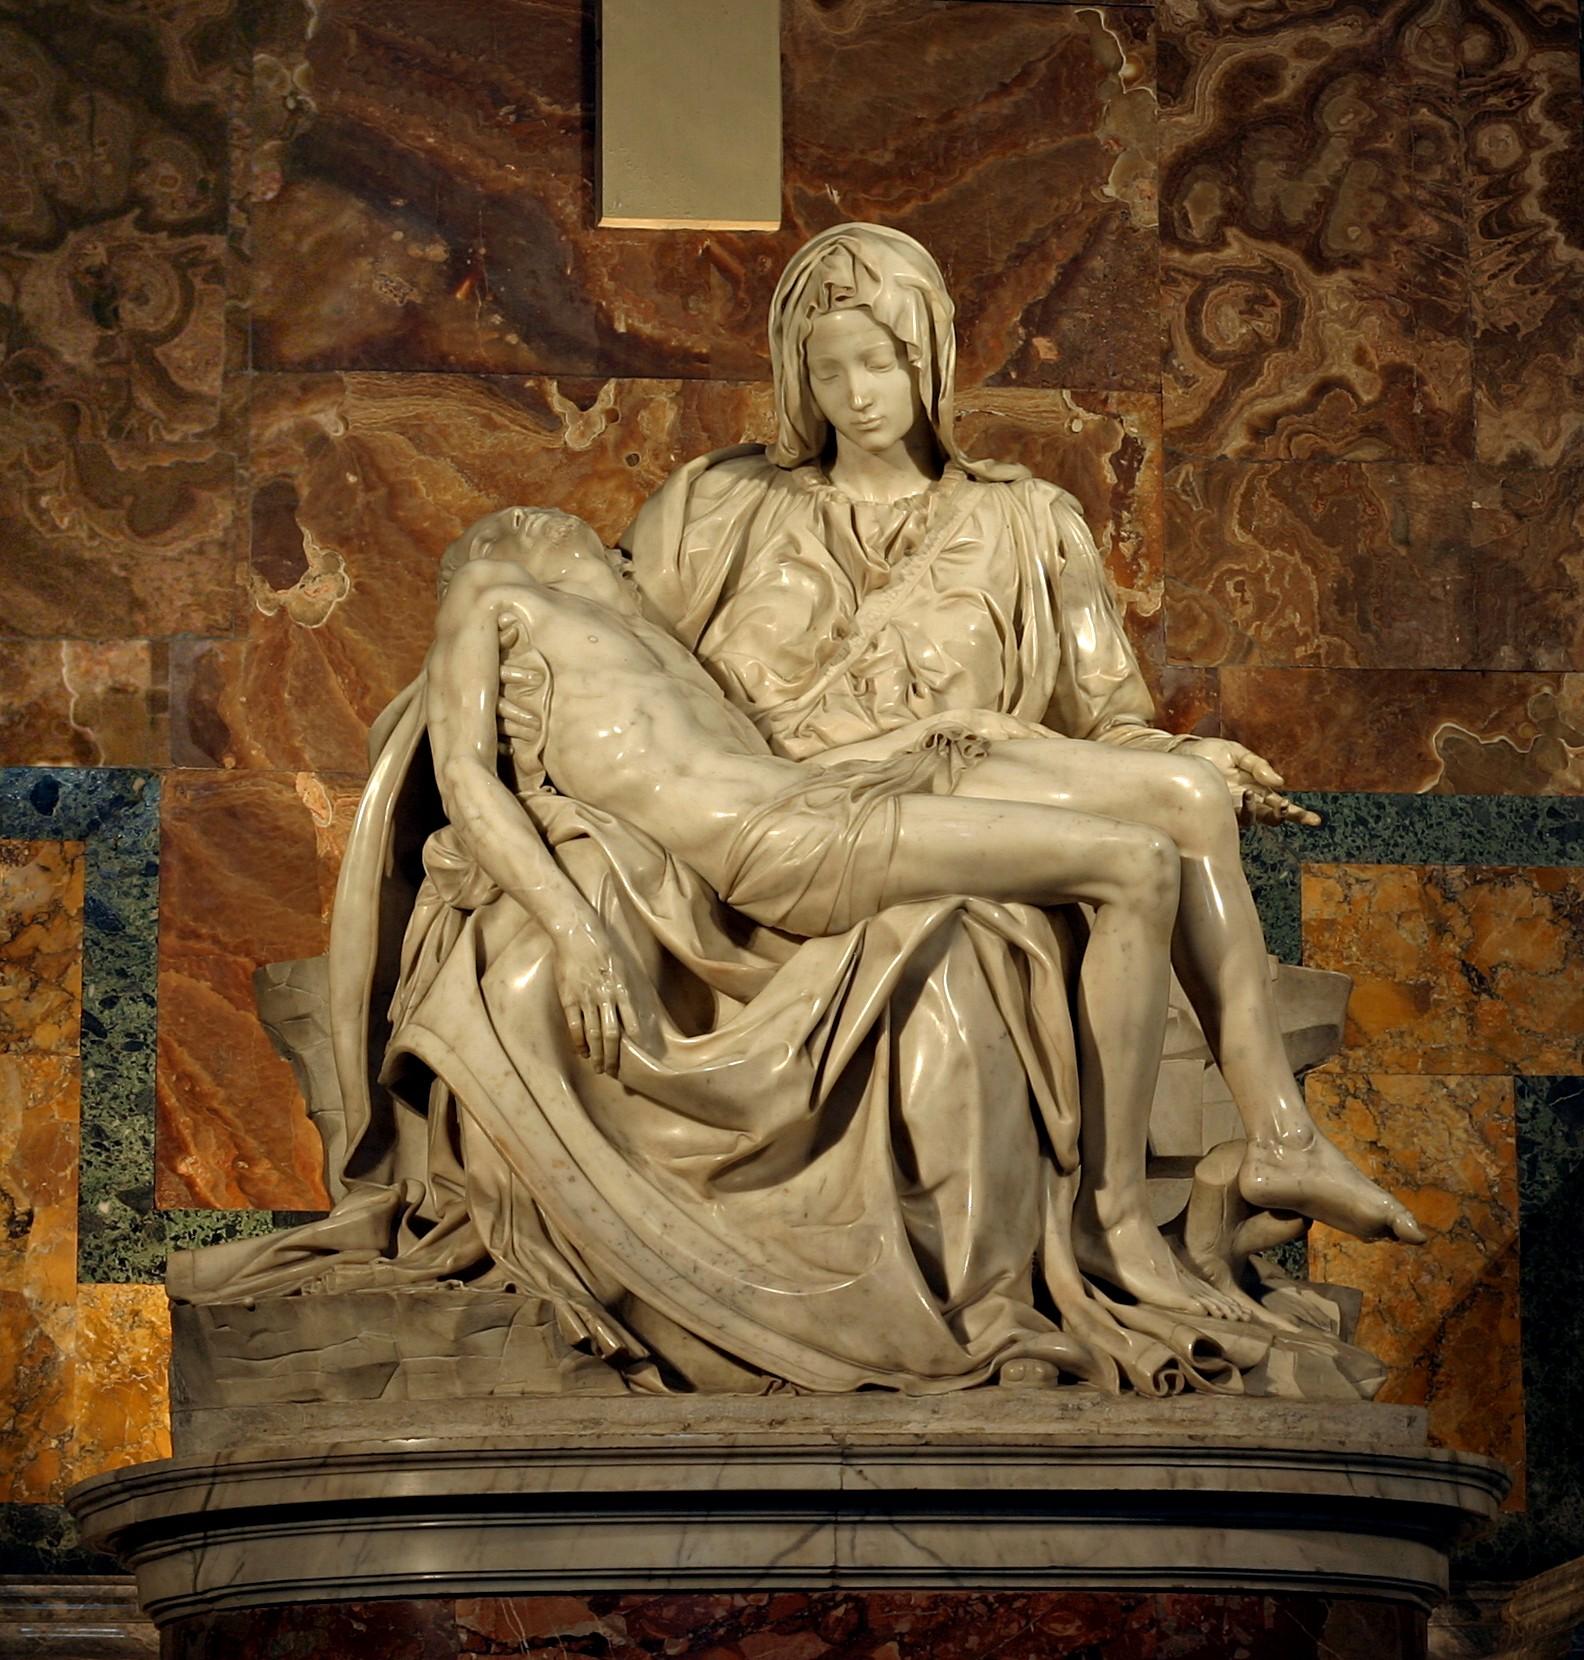 Pieta de Michel-Ange - Basilique du Vatican